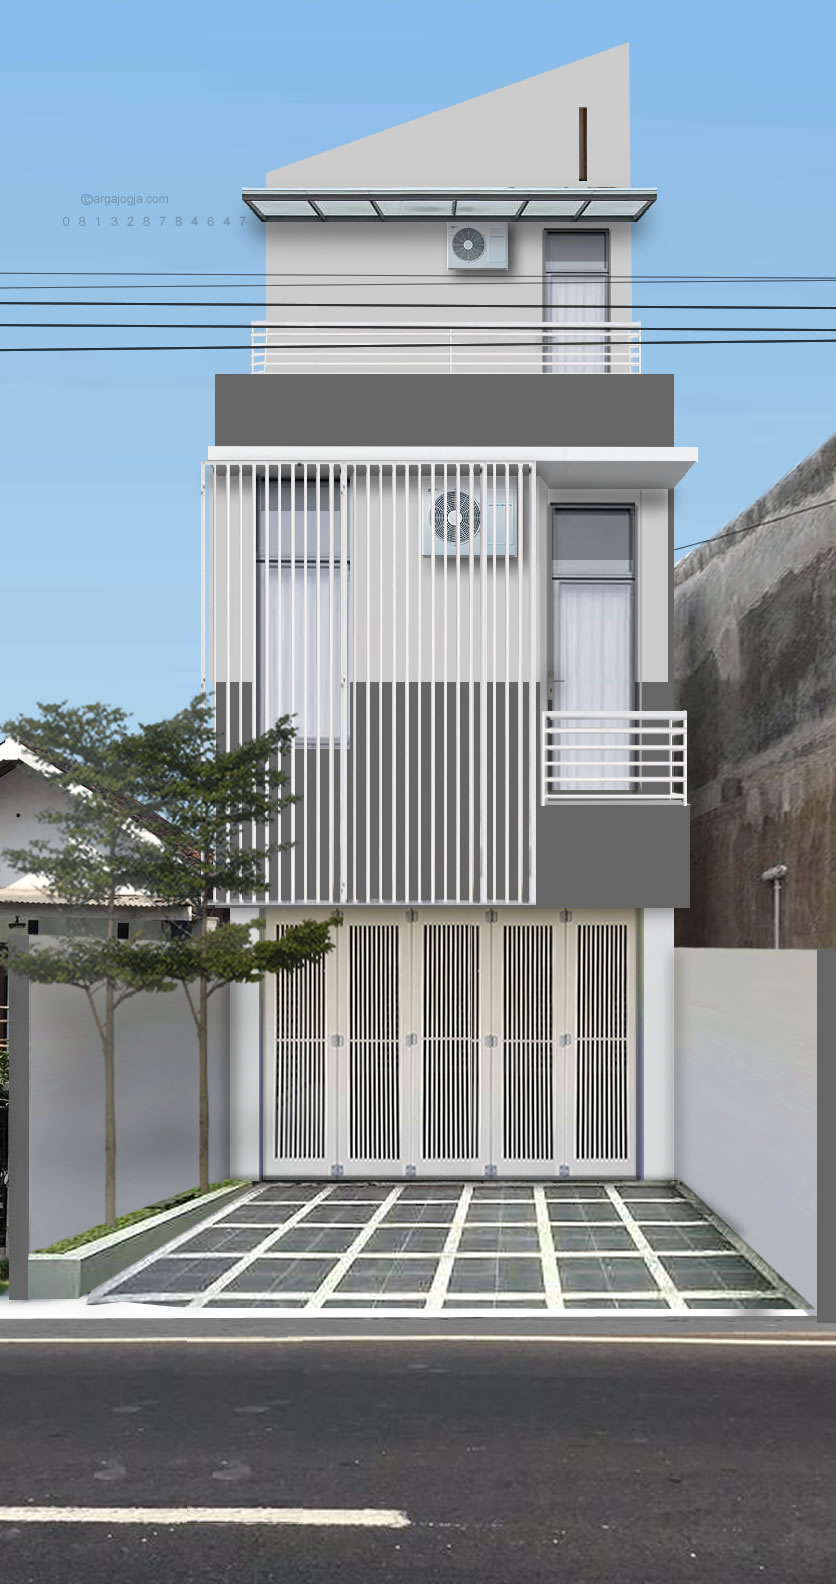 Desain Fasad Ruko Minimalis 3 Lantai